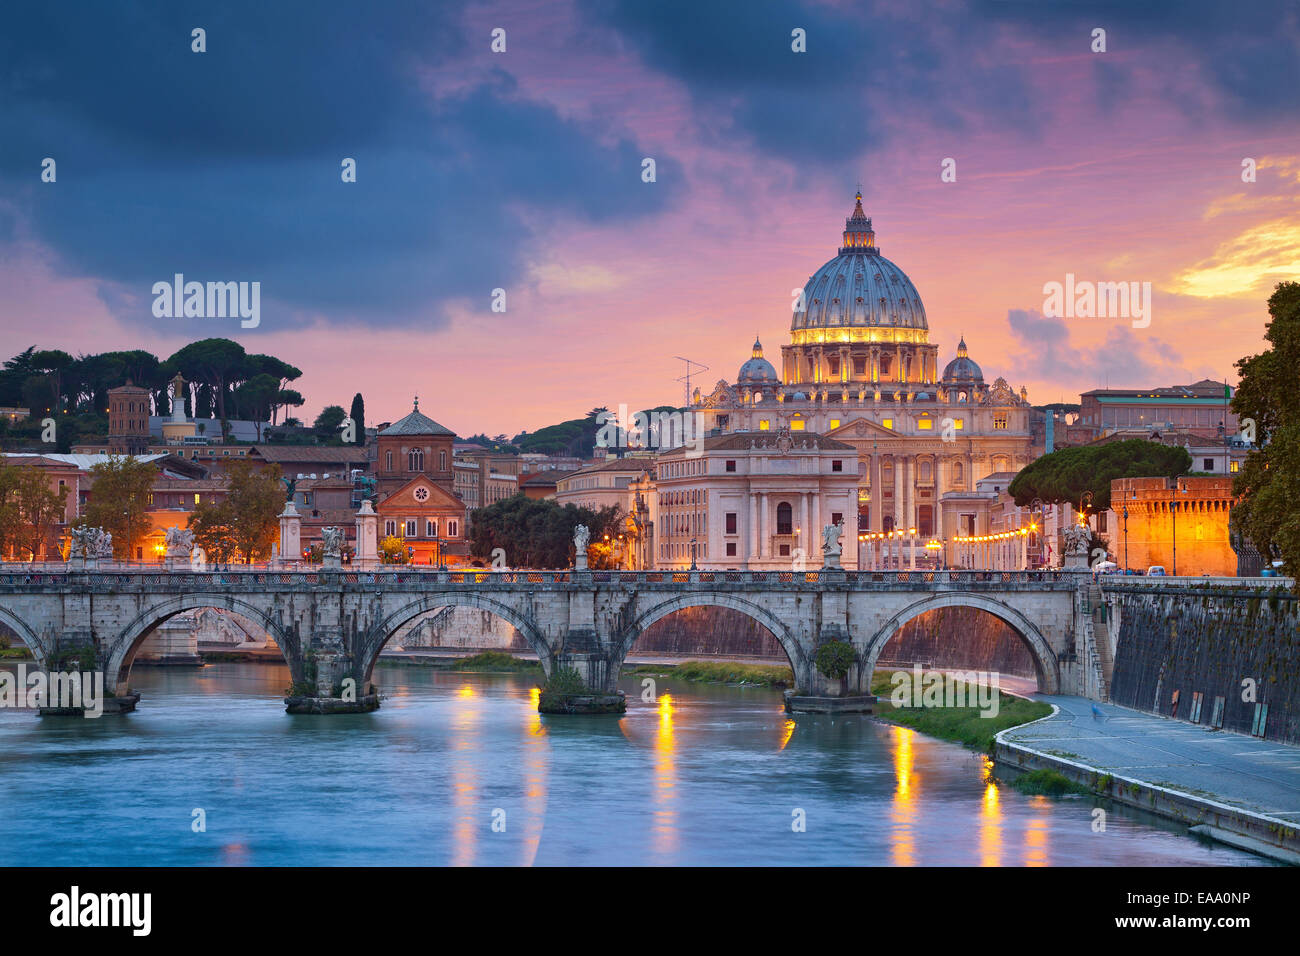 Vista della Basilica di San Pietro in Roma, Italia durante il bellissimo tramonto. Immagini Stock